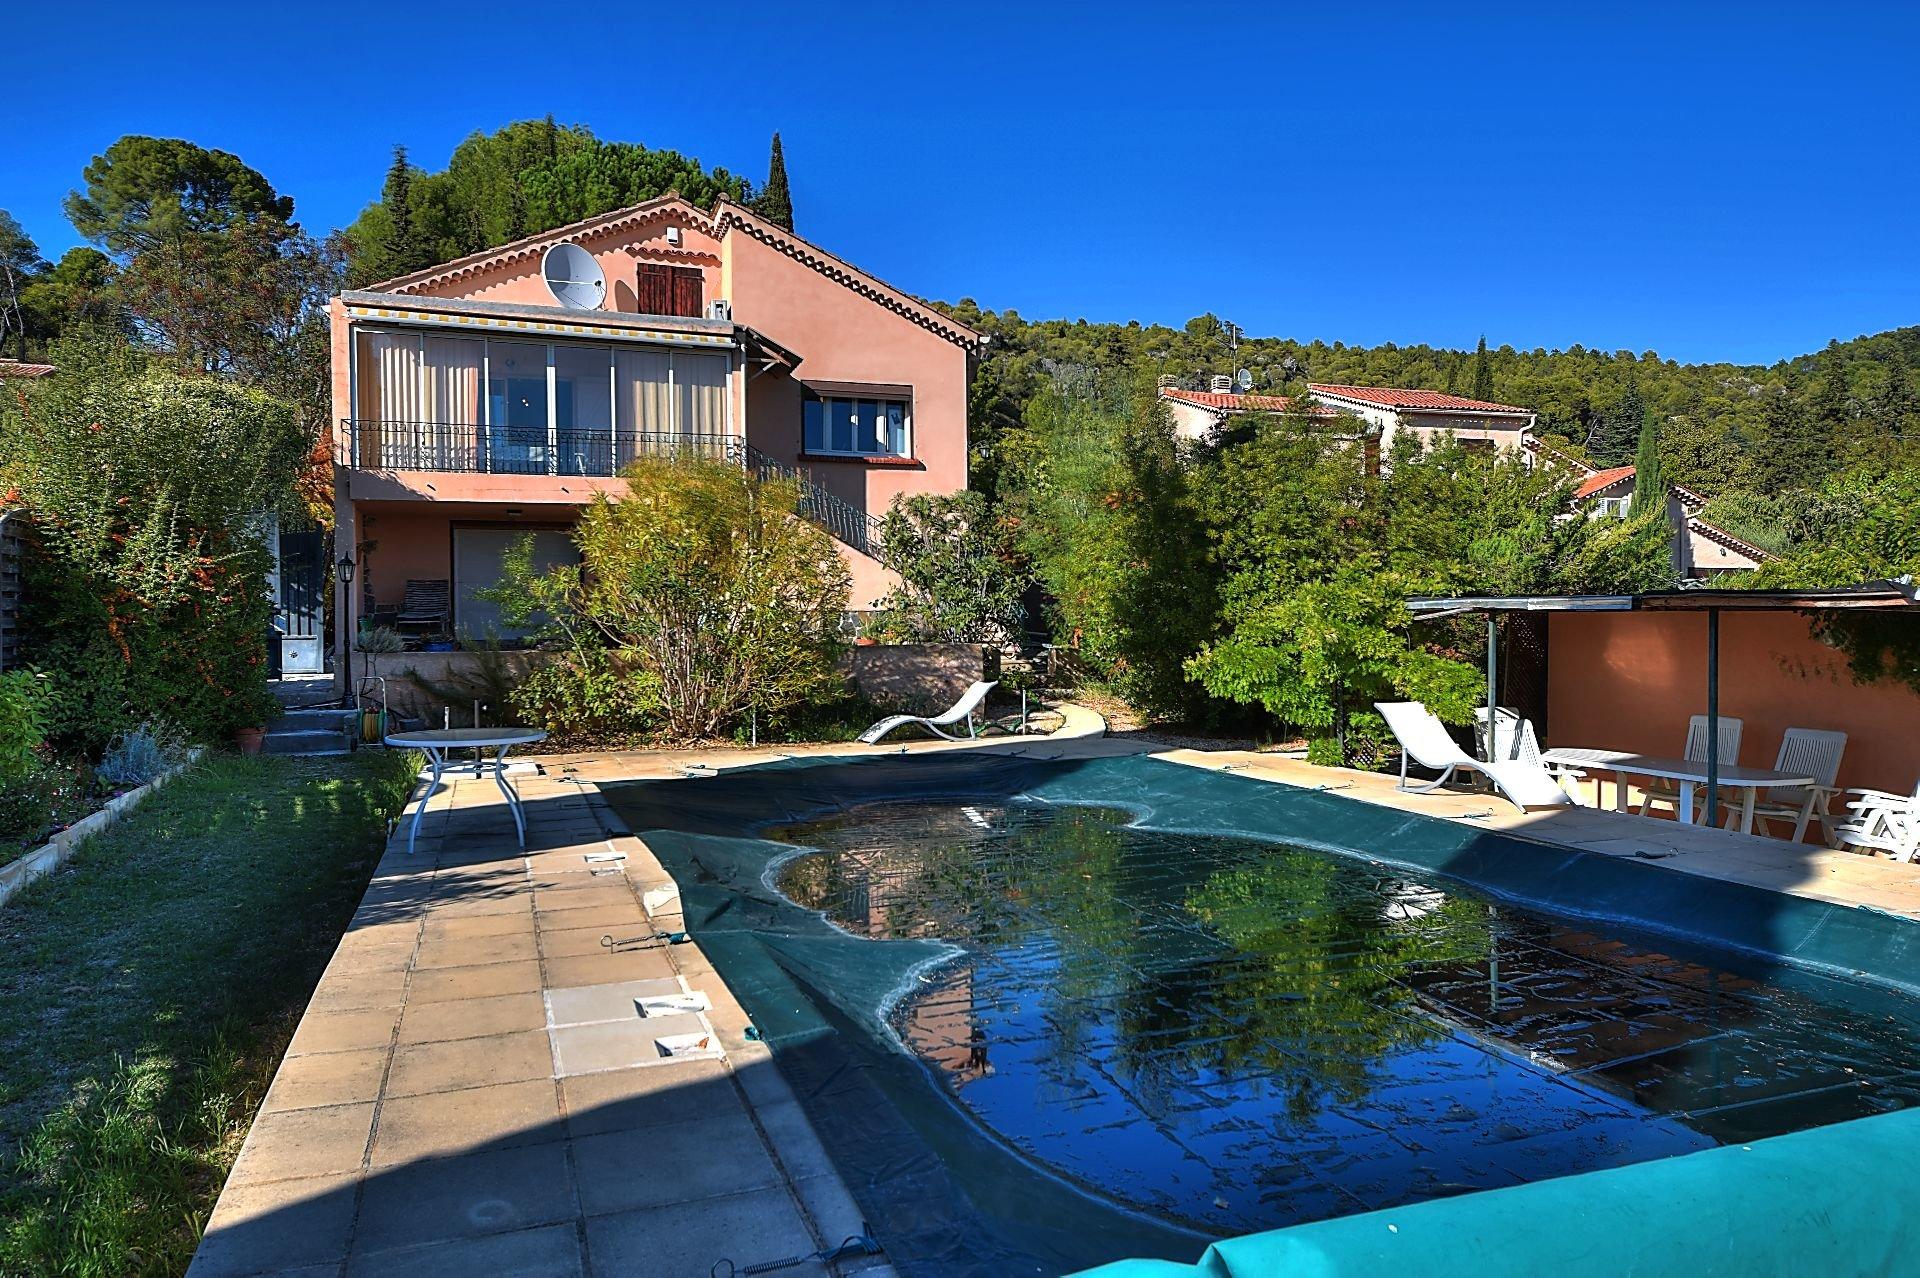 Villa with independent studio swimming pool, Villecroze, Var